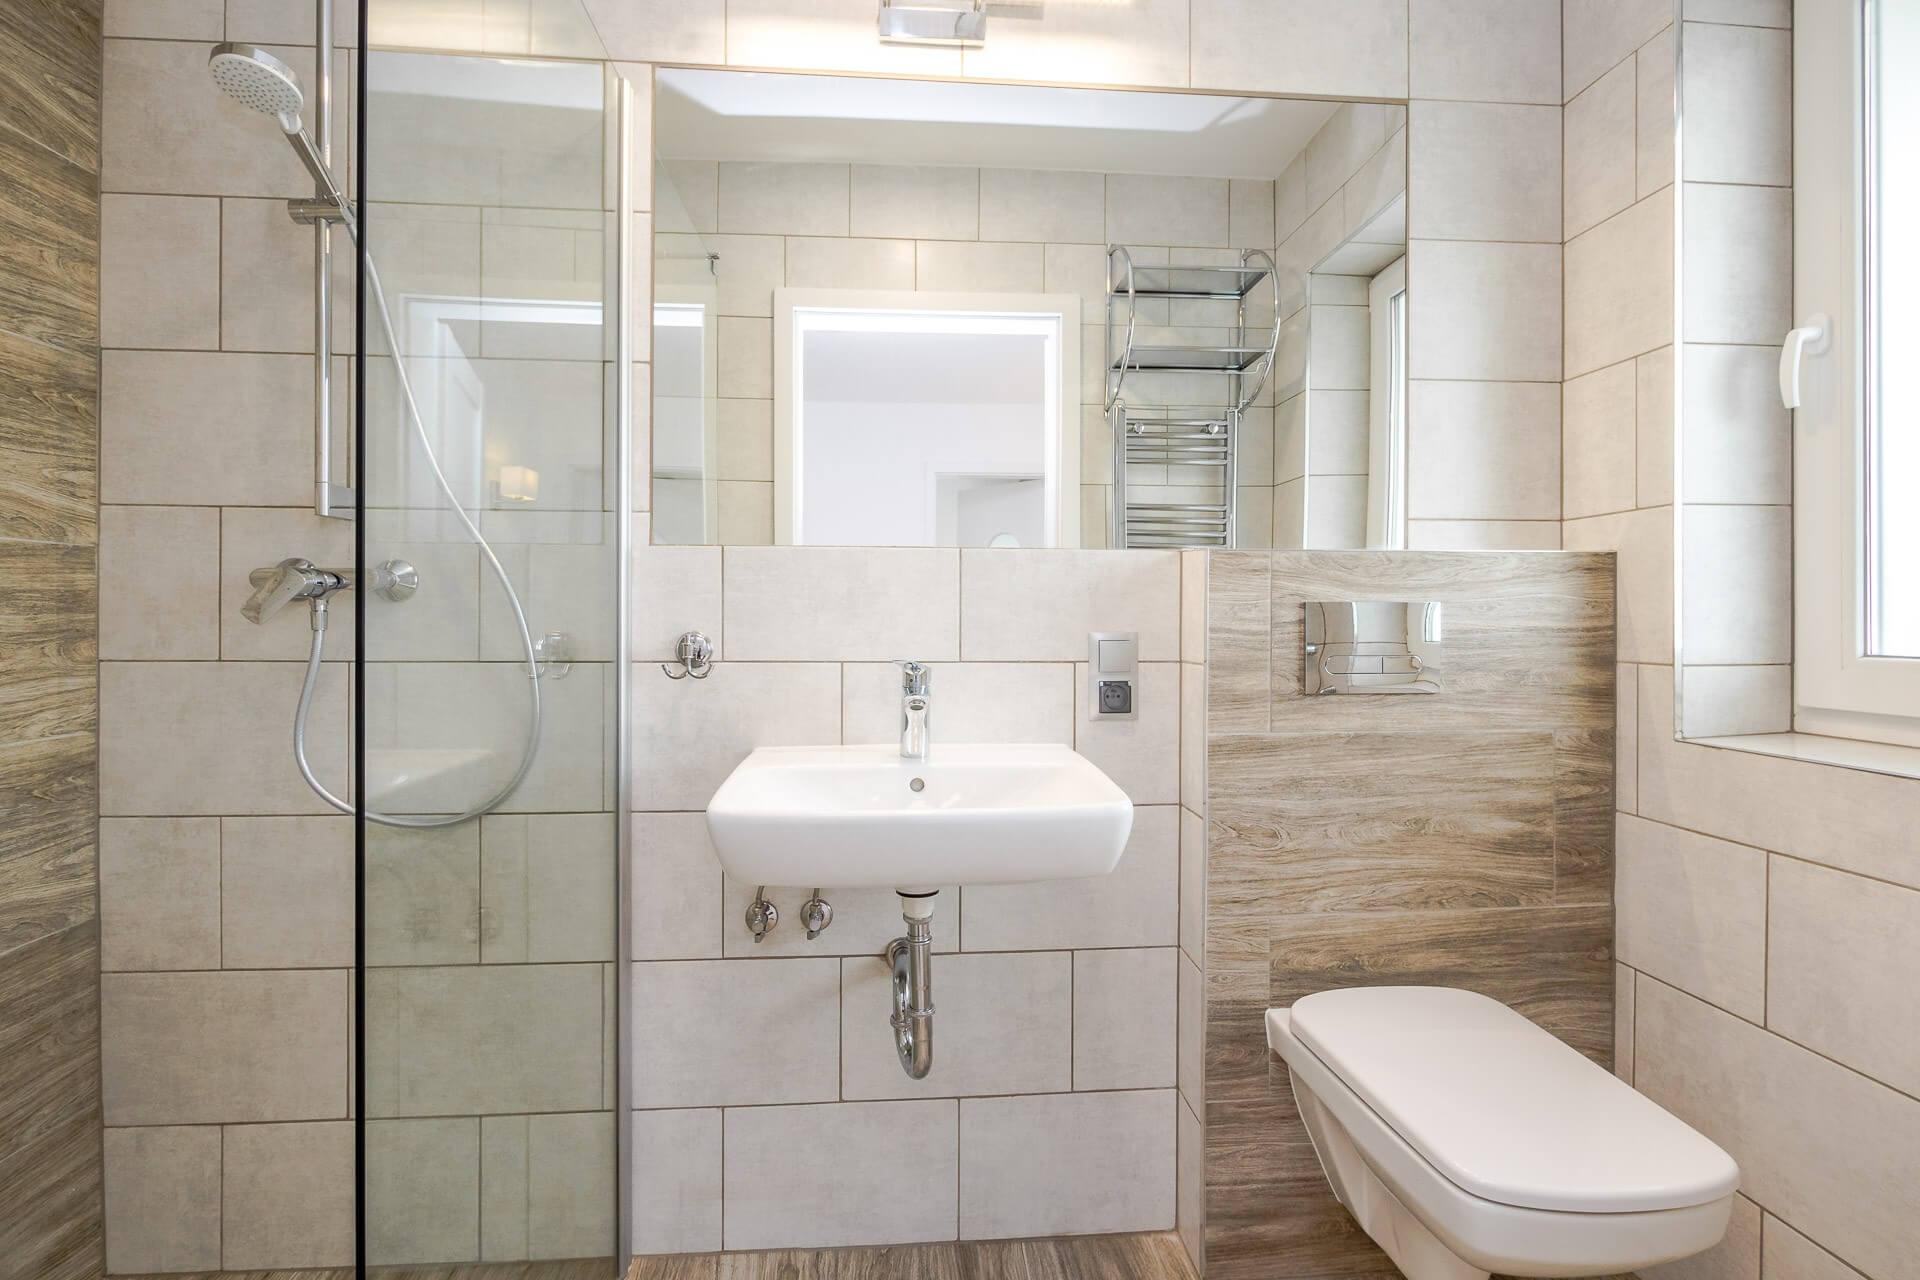 b420_15158_apartamenty_srebrna_wydma_dabki_25